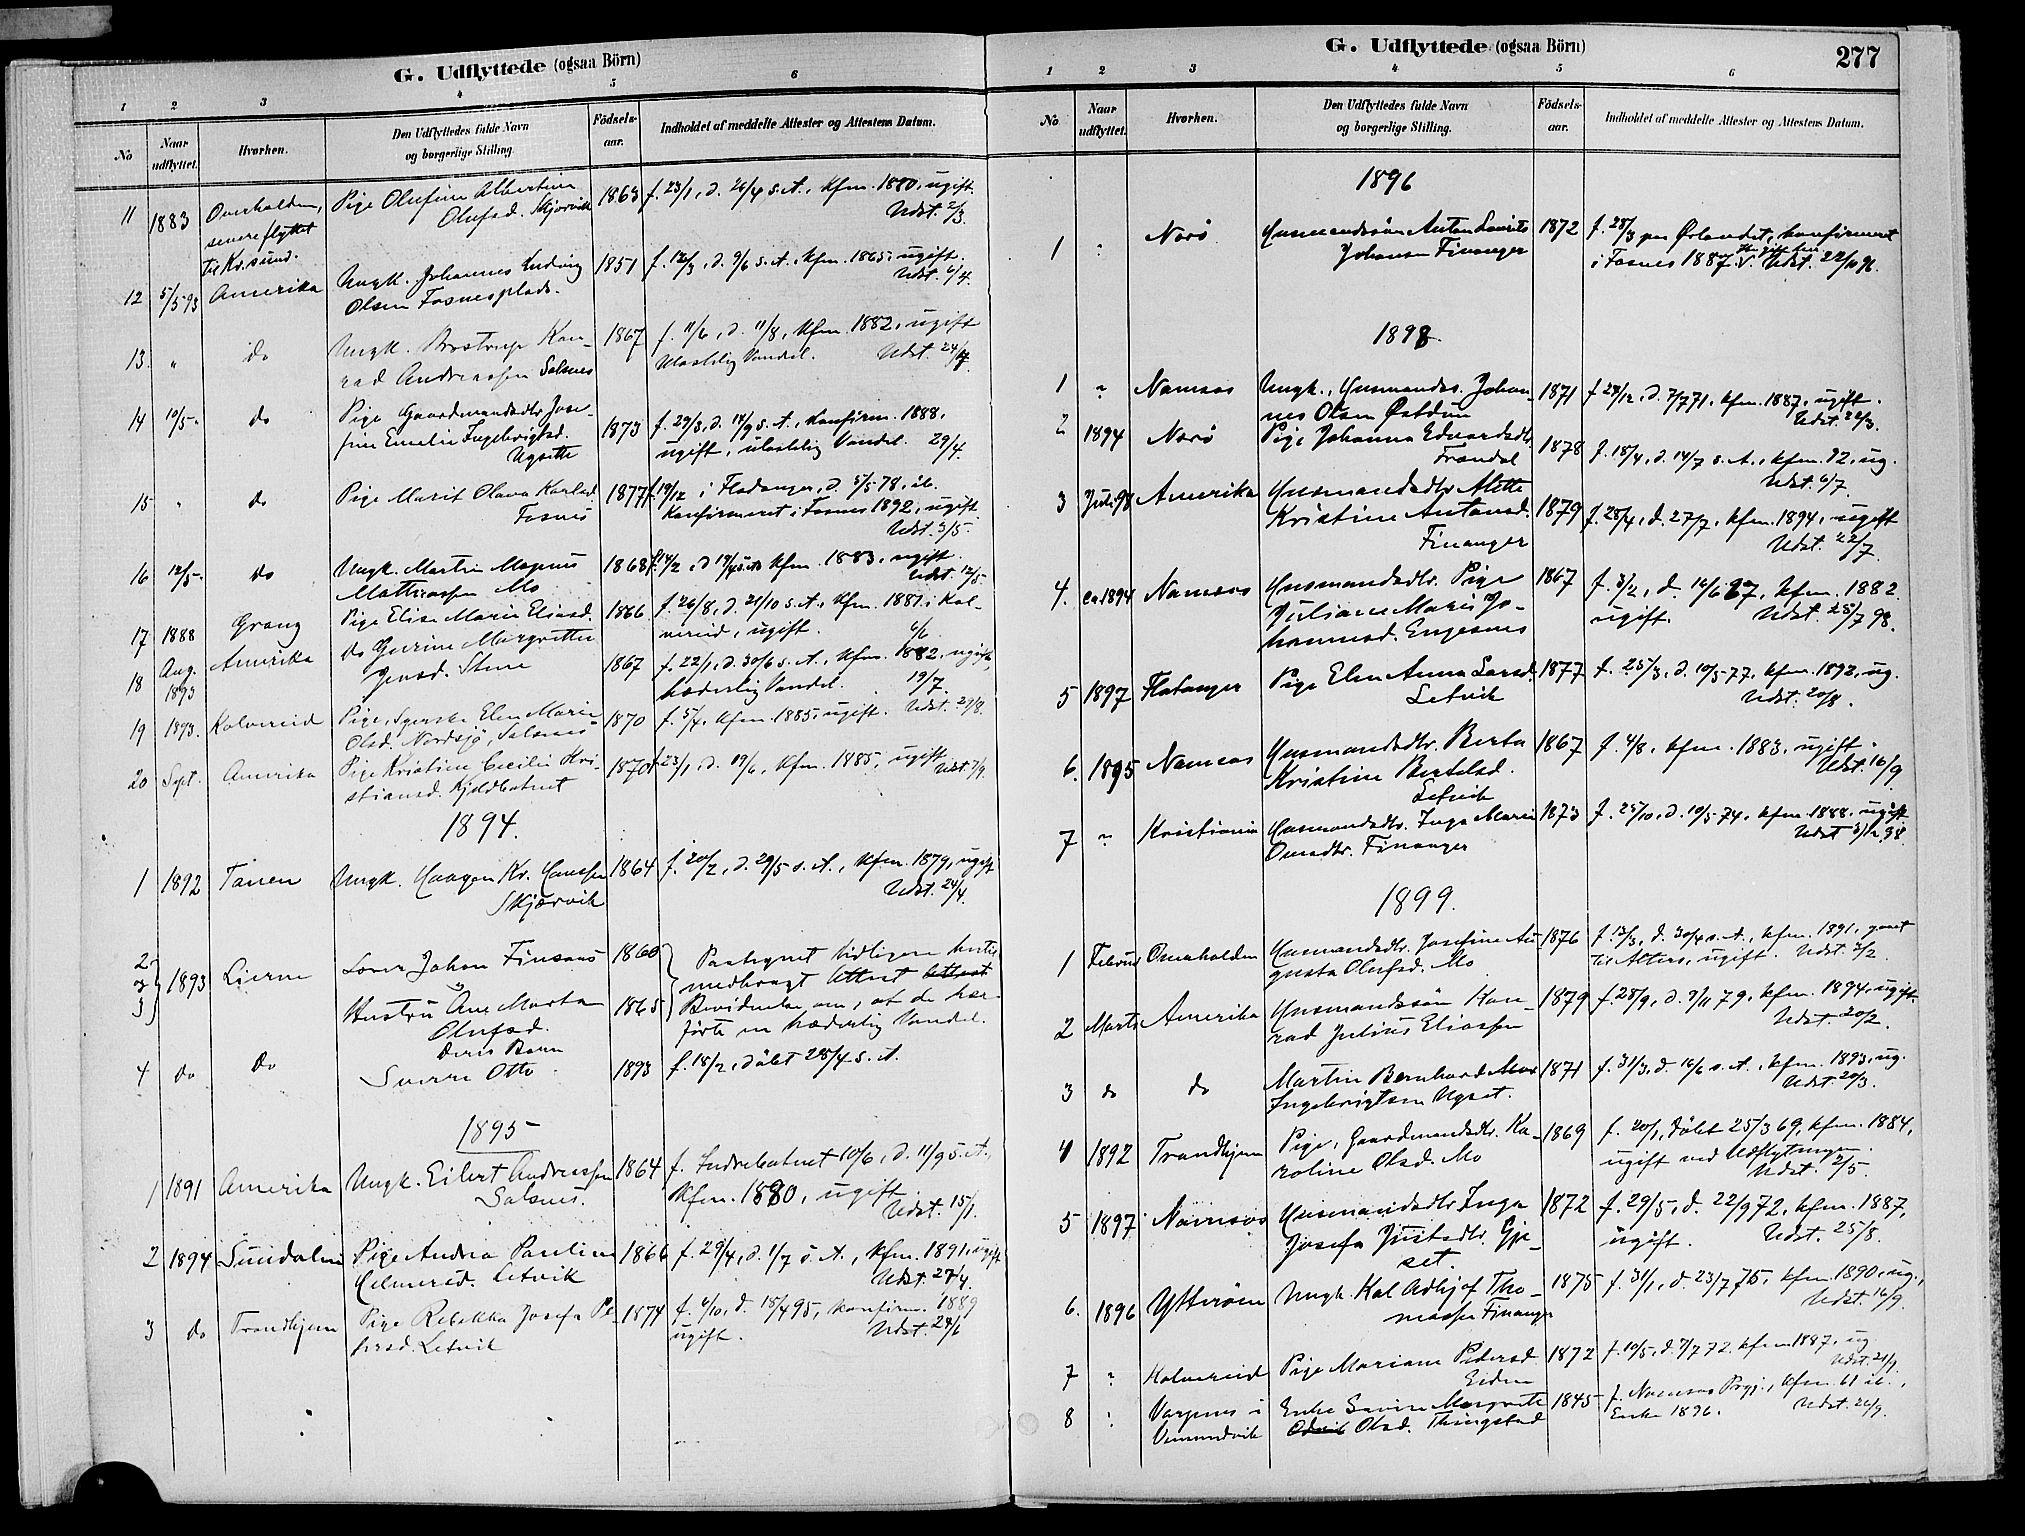 SAT, Ministerialprotokoller, klokkerbøker og fødselsregistre - Nord-Trøndelag, 773/L0617: Ministerialbok nr. 773A08, 1887-1910, s. 277